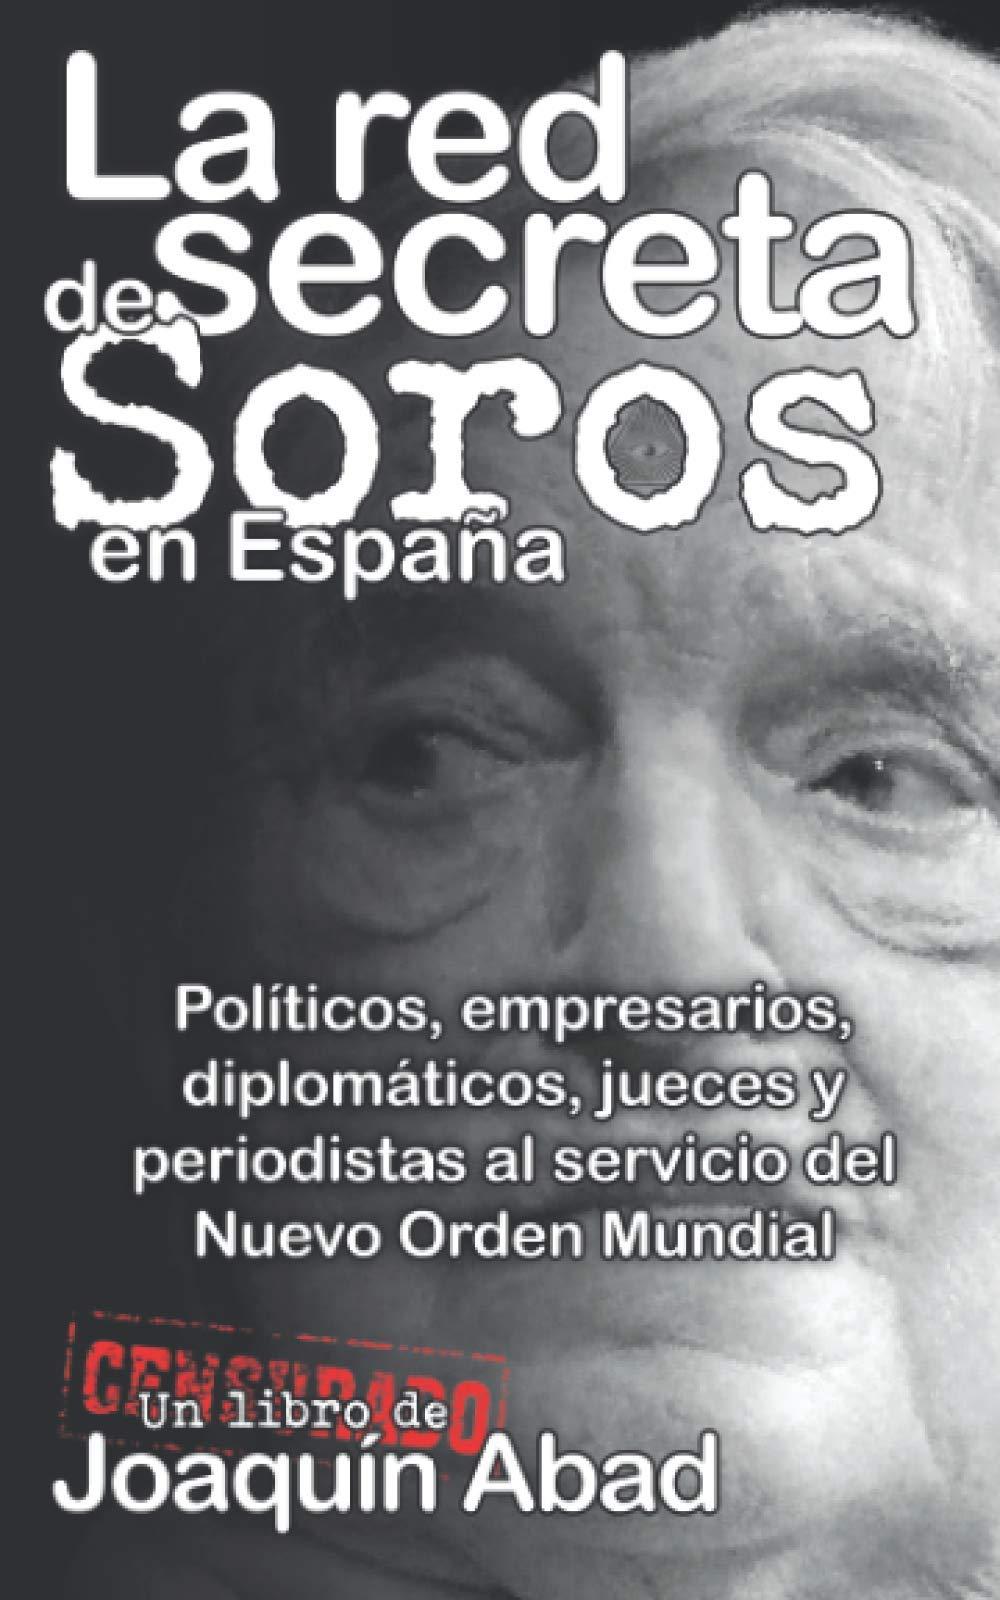 La Red Secreta de Soros en España: Amazon.es: Abad, Joaquin: Libros